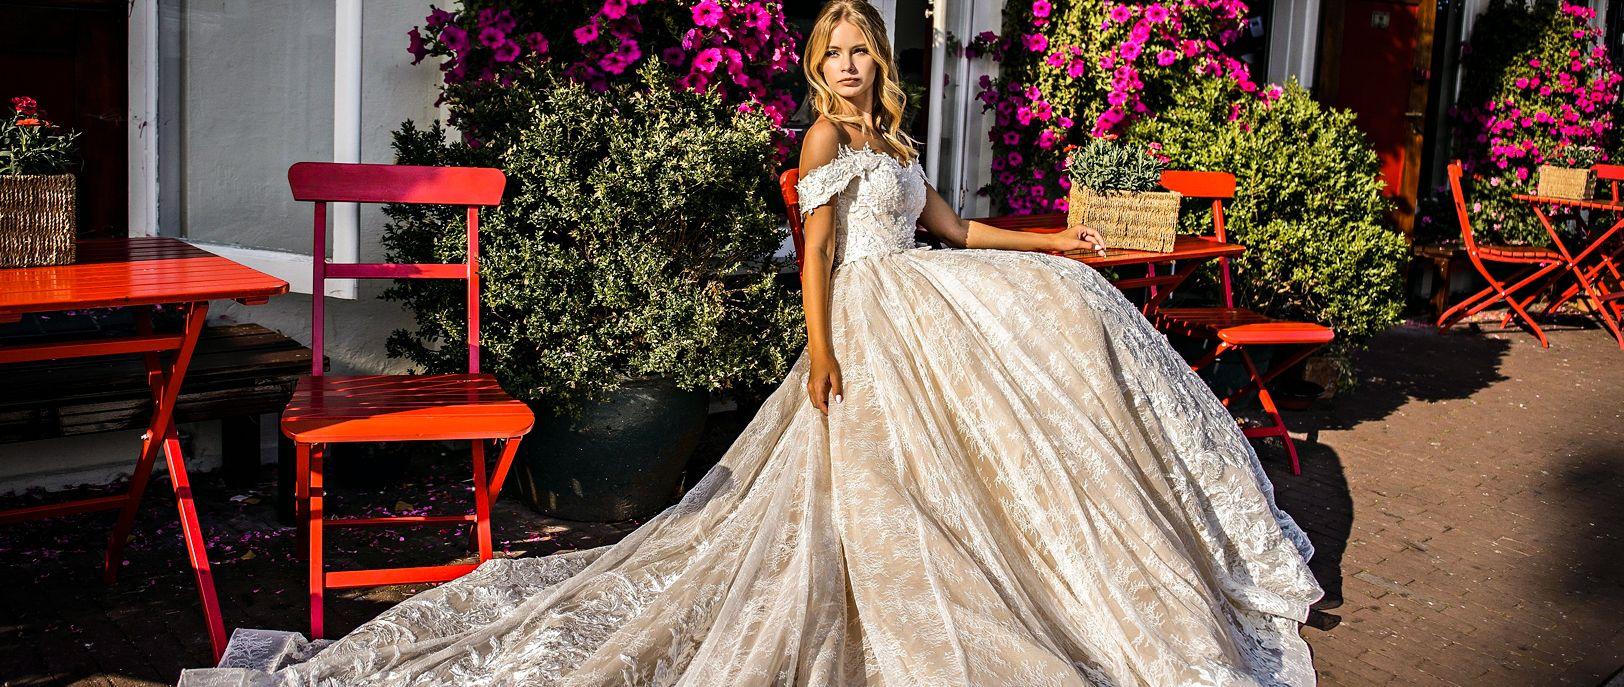 Irian sam svadobné šaty 341abdfea60